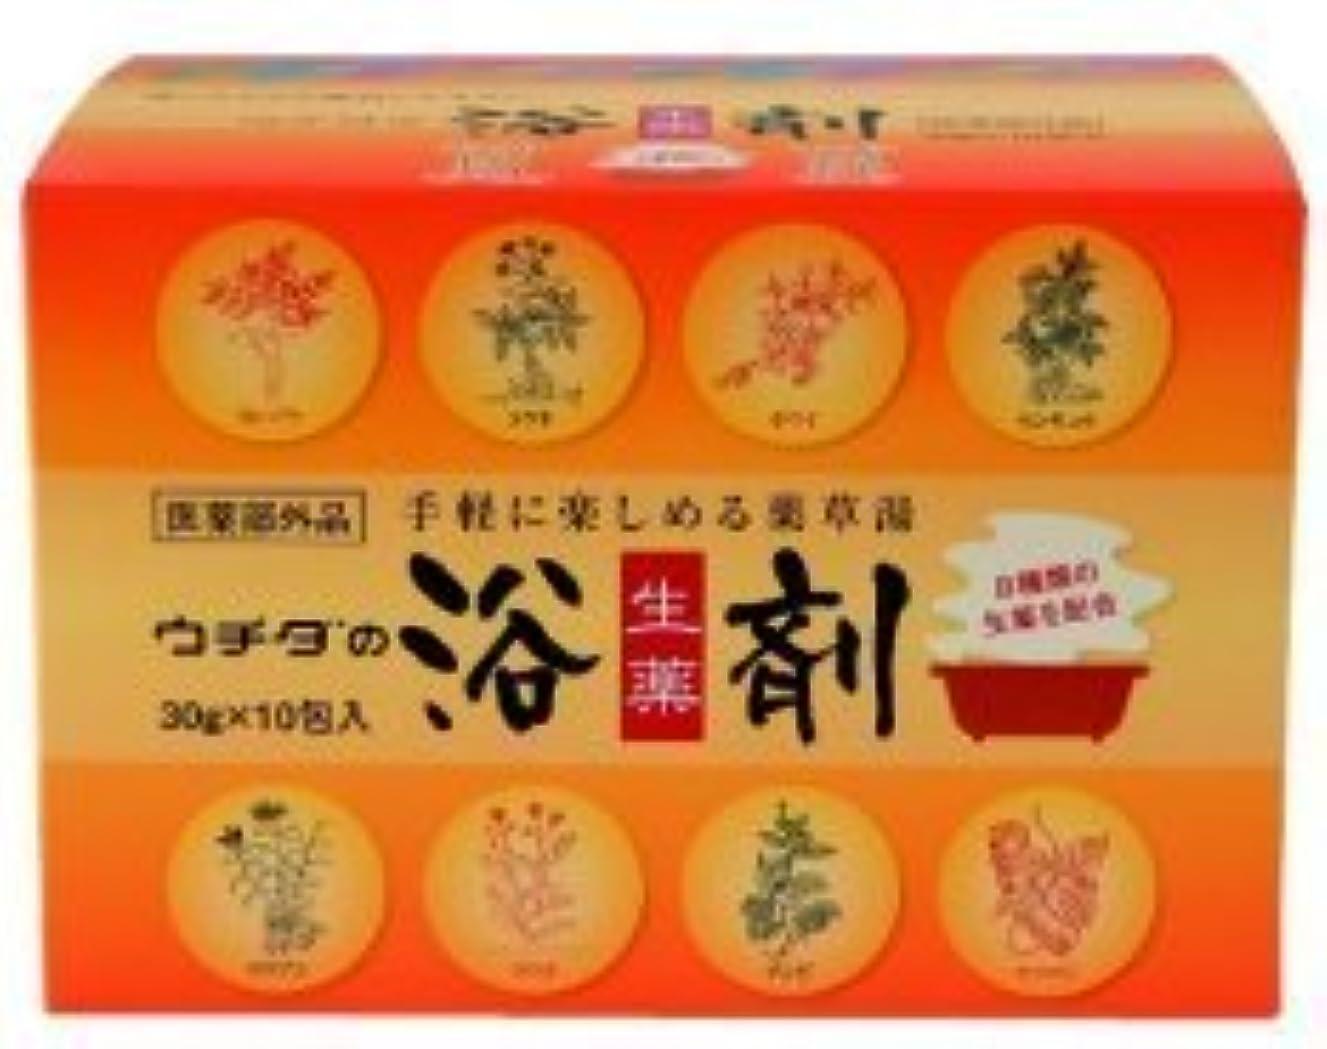 平和的優しいくちばしウチダの 生薬浴剤 30g×10包 【医薬部外品】